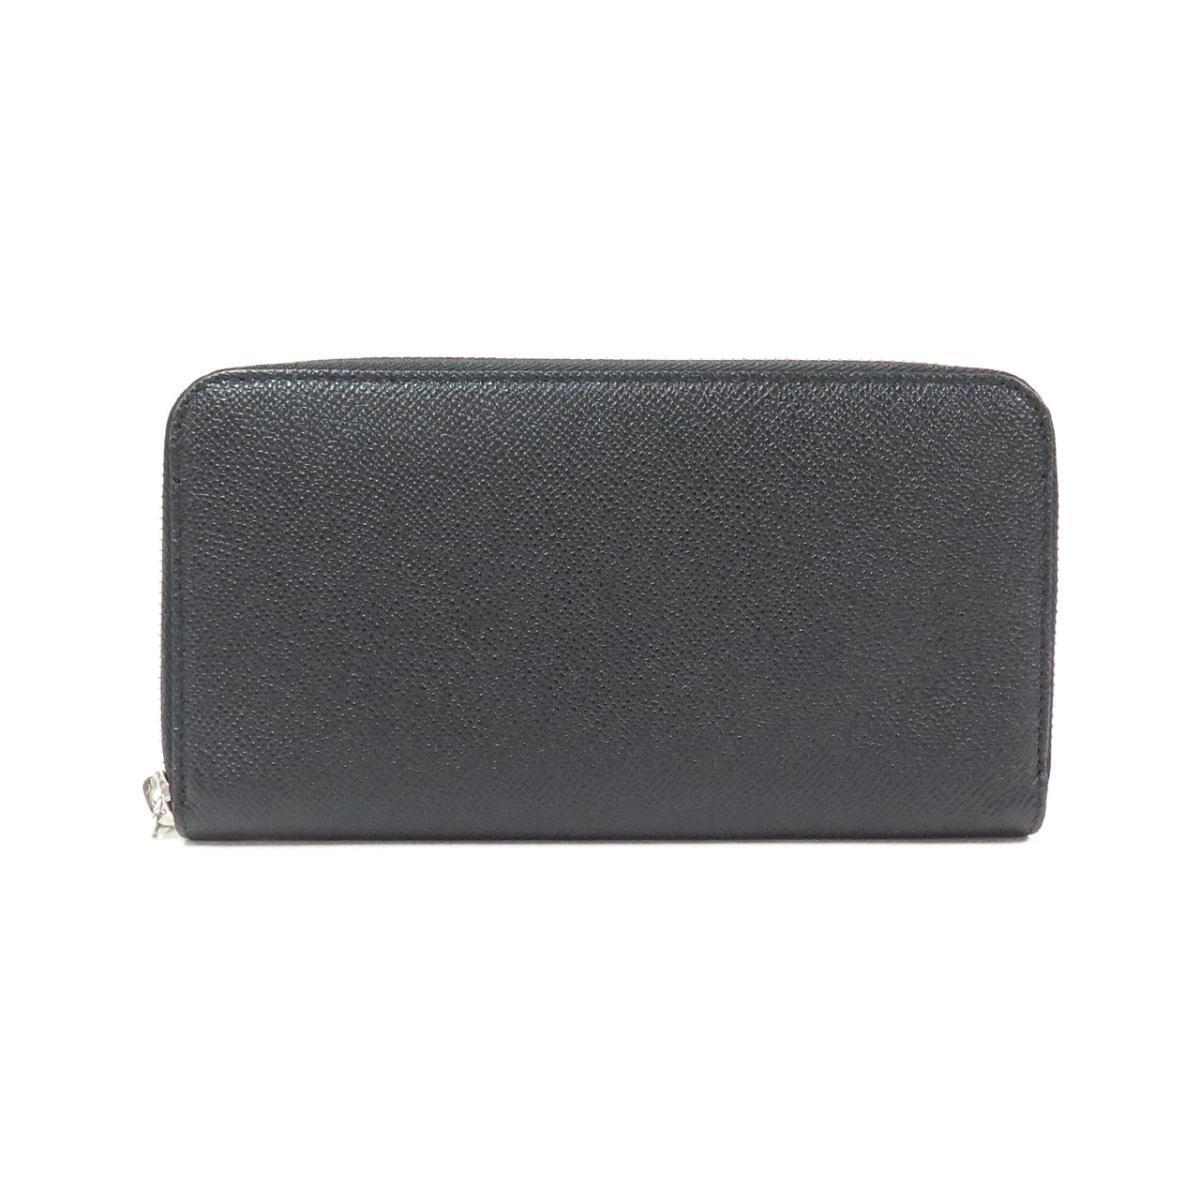 ブルガリ 財布 20886【中古】